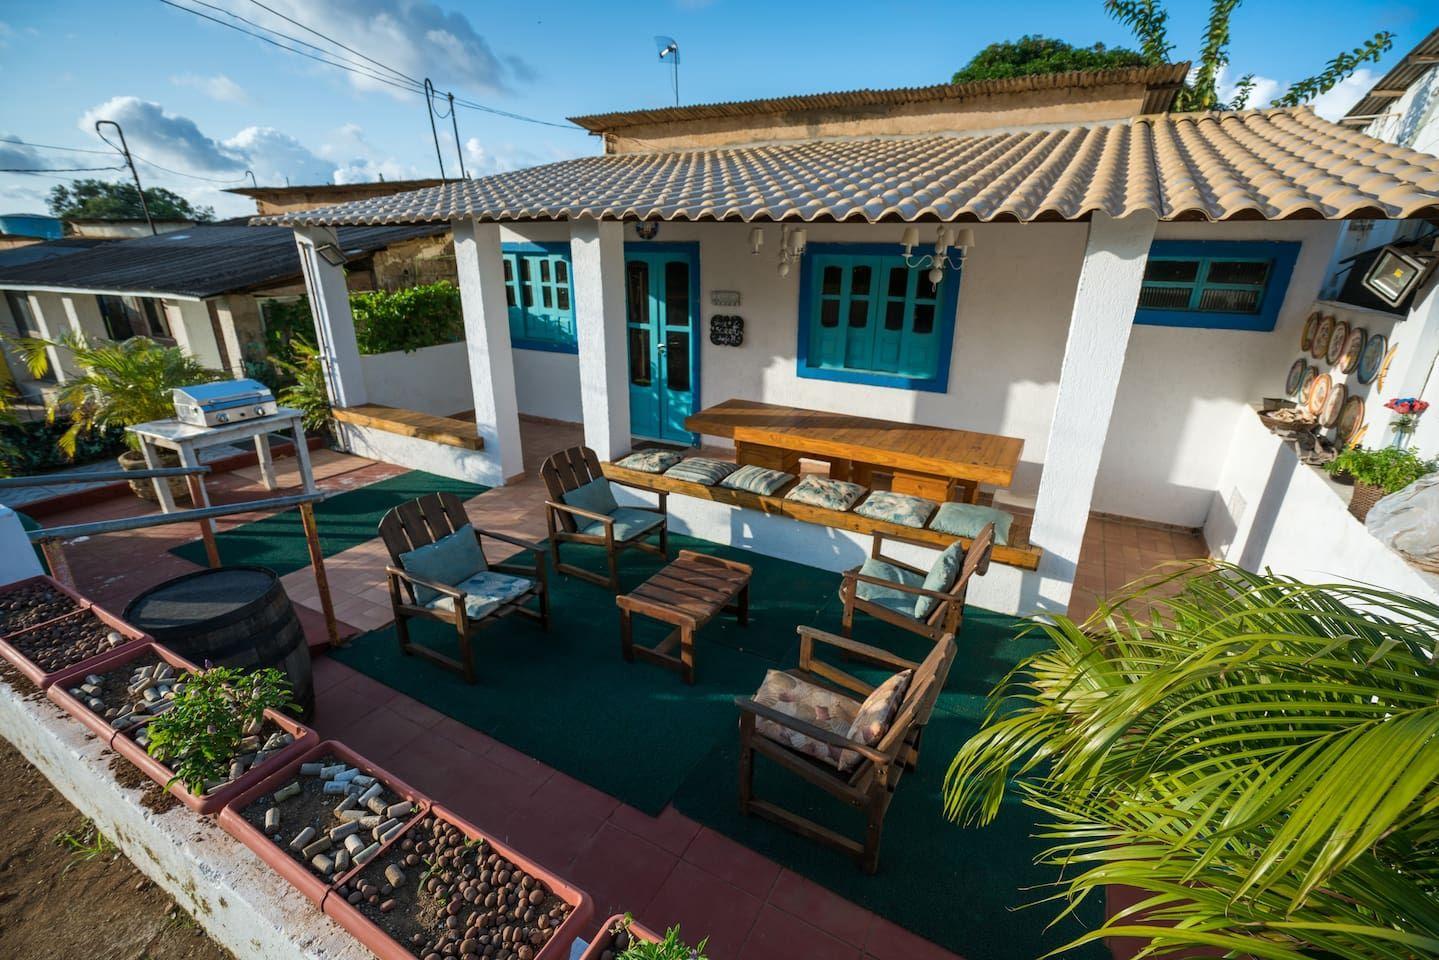 Varandinha & Casa EcoCharme Fernando de Noronha Casas